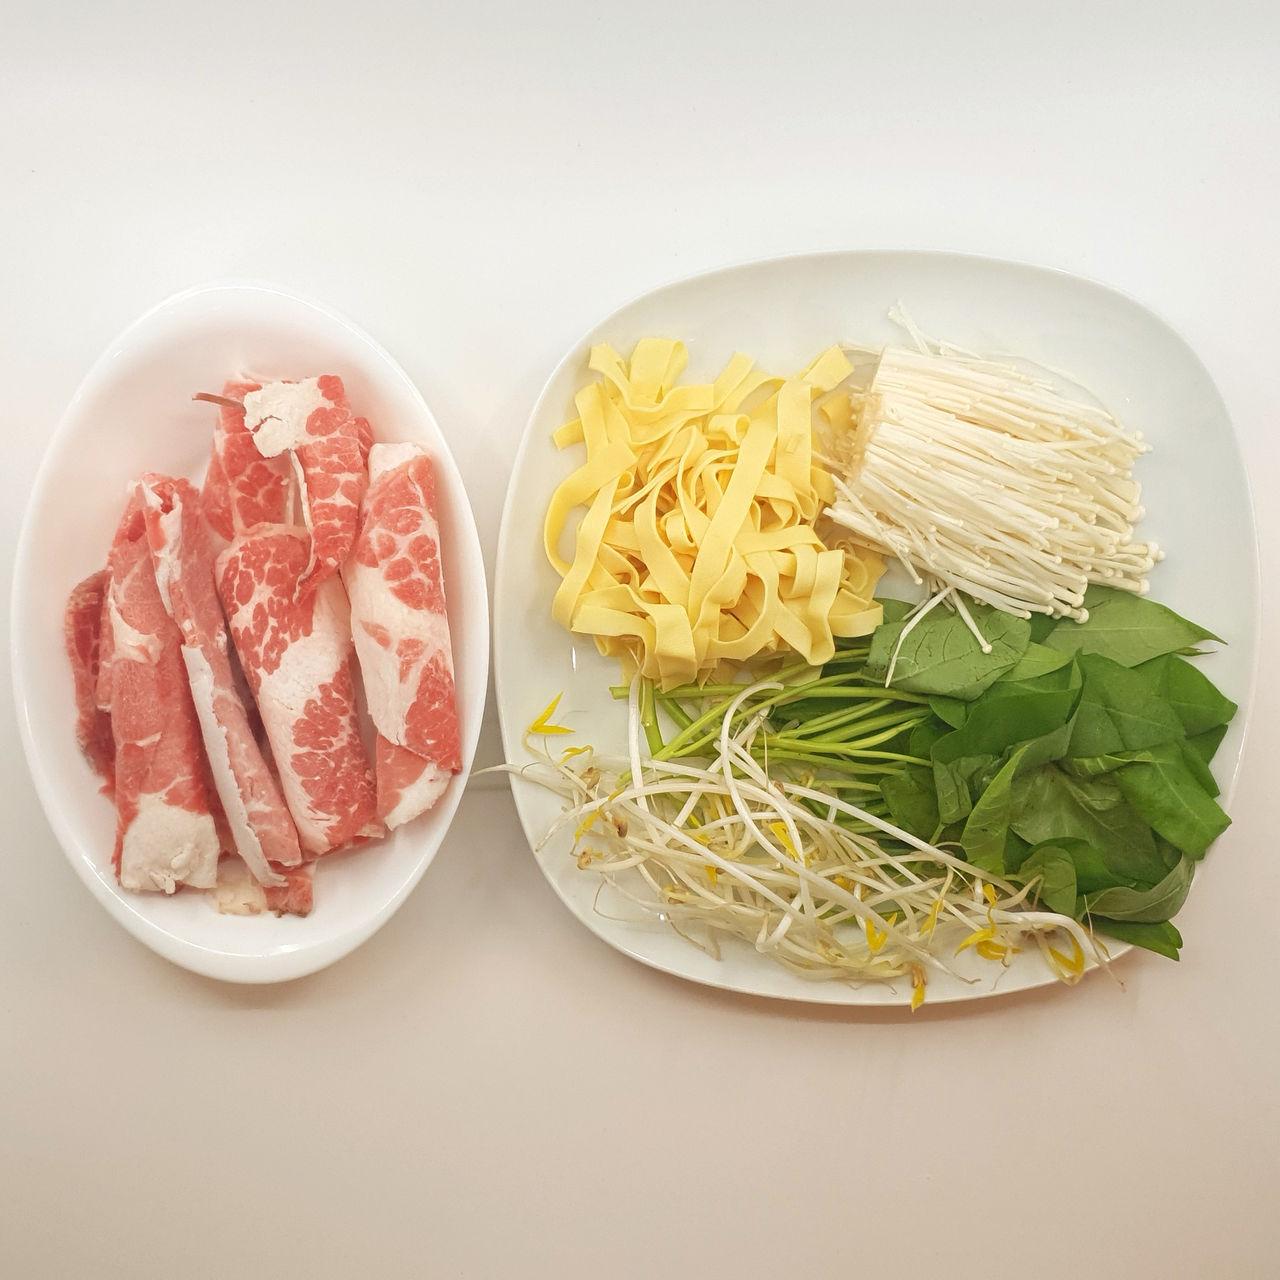 1. 조리시작 전 그릇에 소고기 목심과 불고기소스를 넣고 고루 버무려 30분 이상 재워두세요